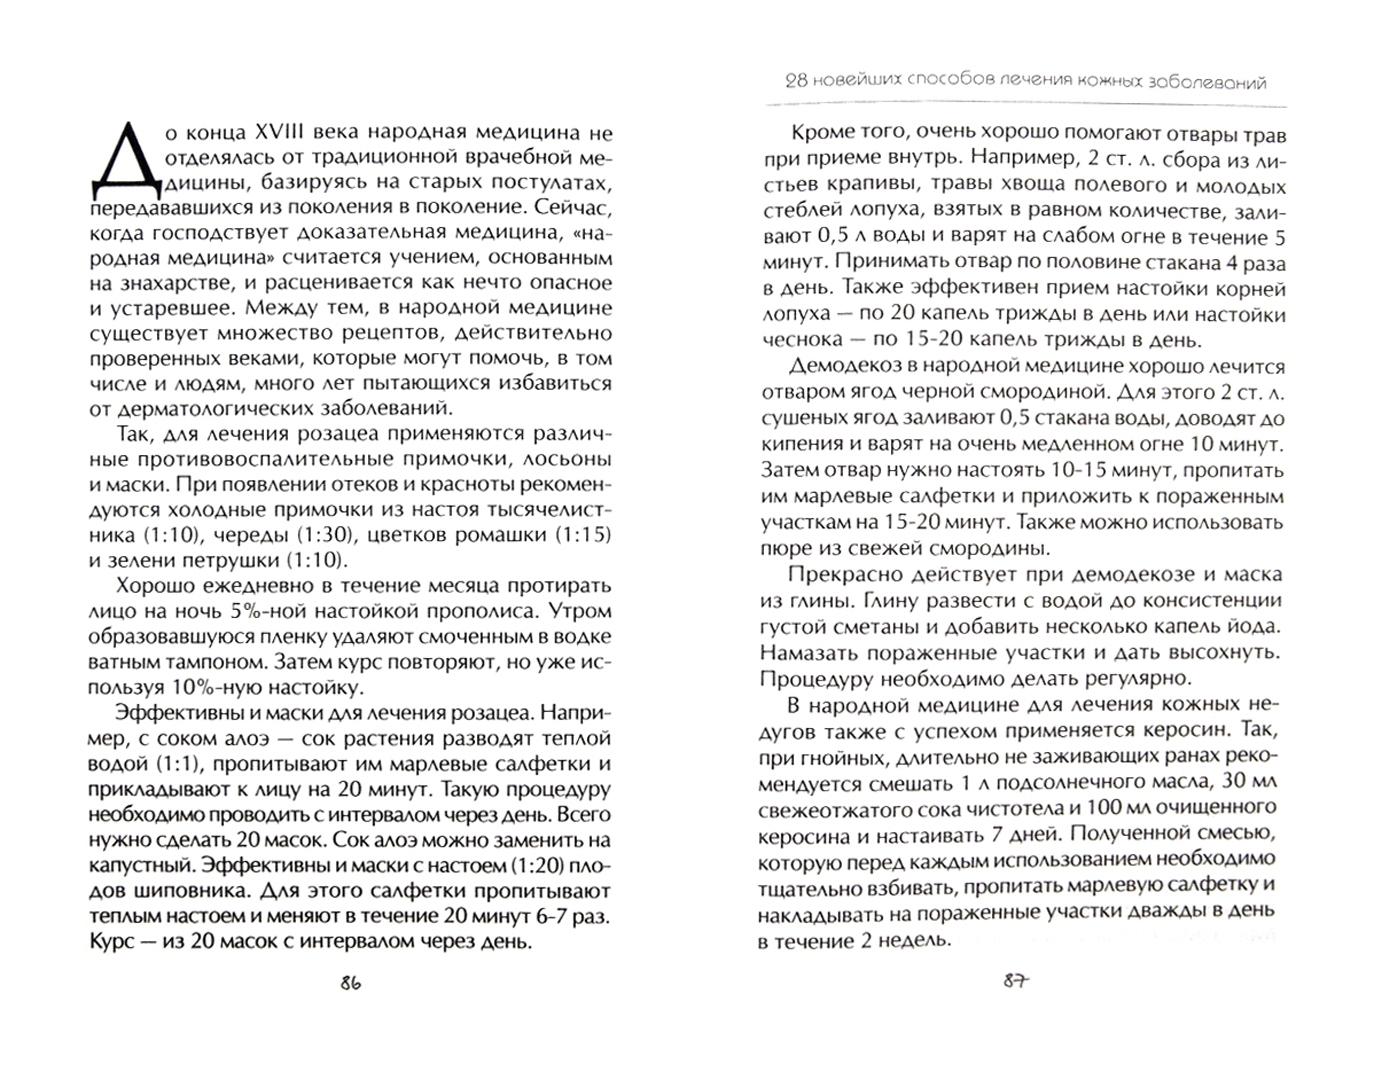 Иллюстрация 1 из 4 для 28 новейших способов лечения кожных заболеваний - Полина Голицына | Лабиринт - книги. Источник: Лабиринт